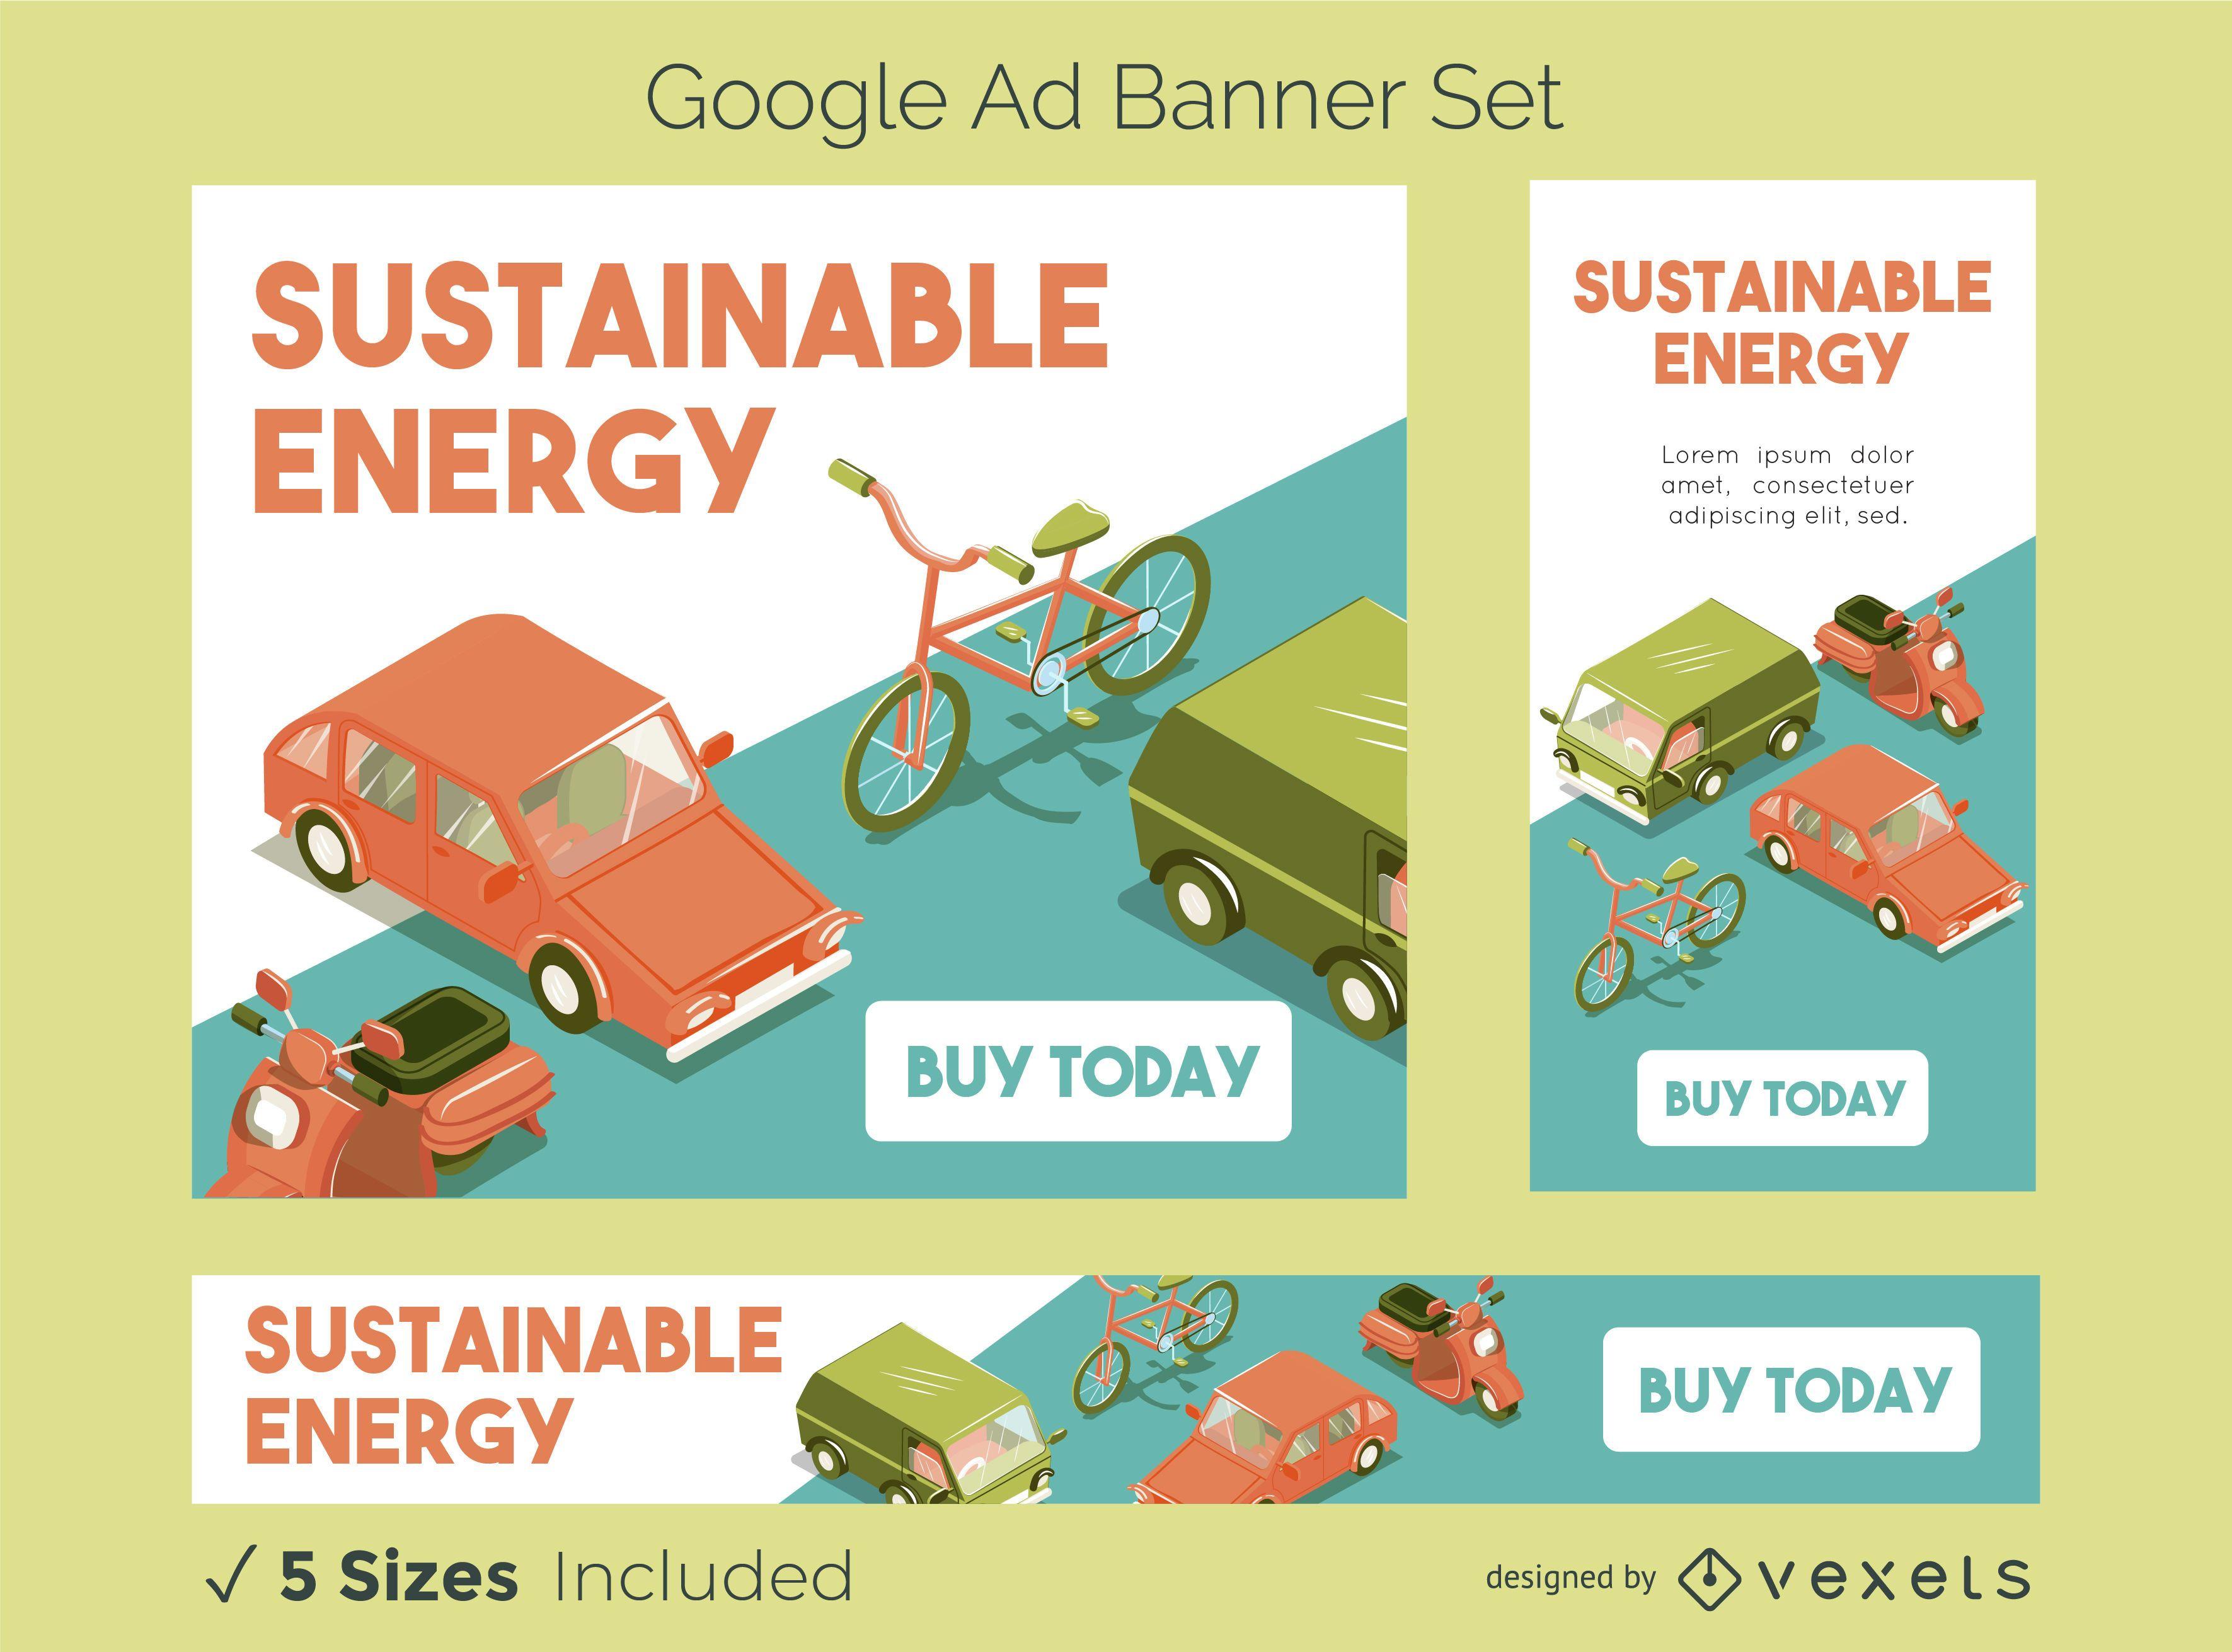 Conjunto de banners de anuncios de Google de energía sostenible